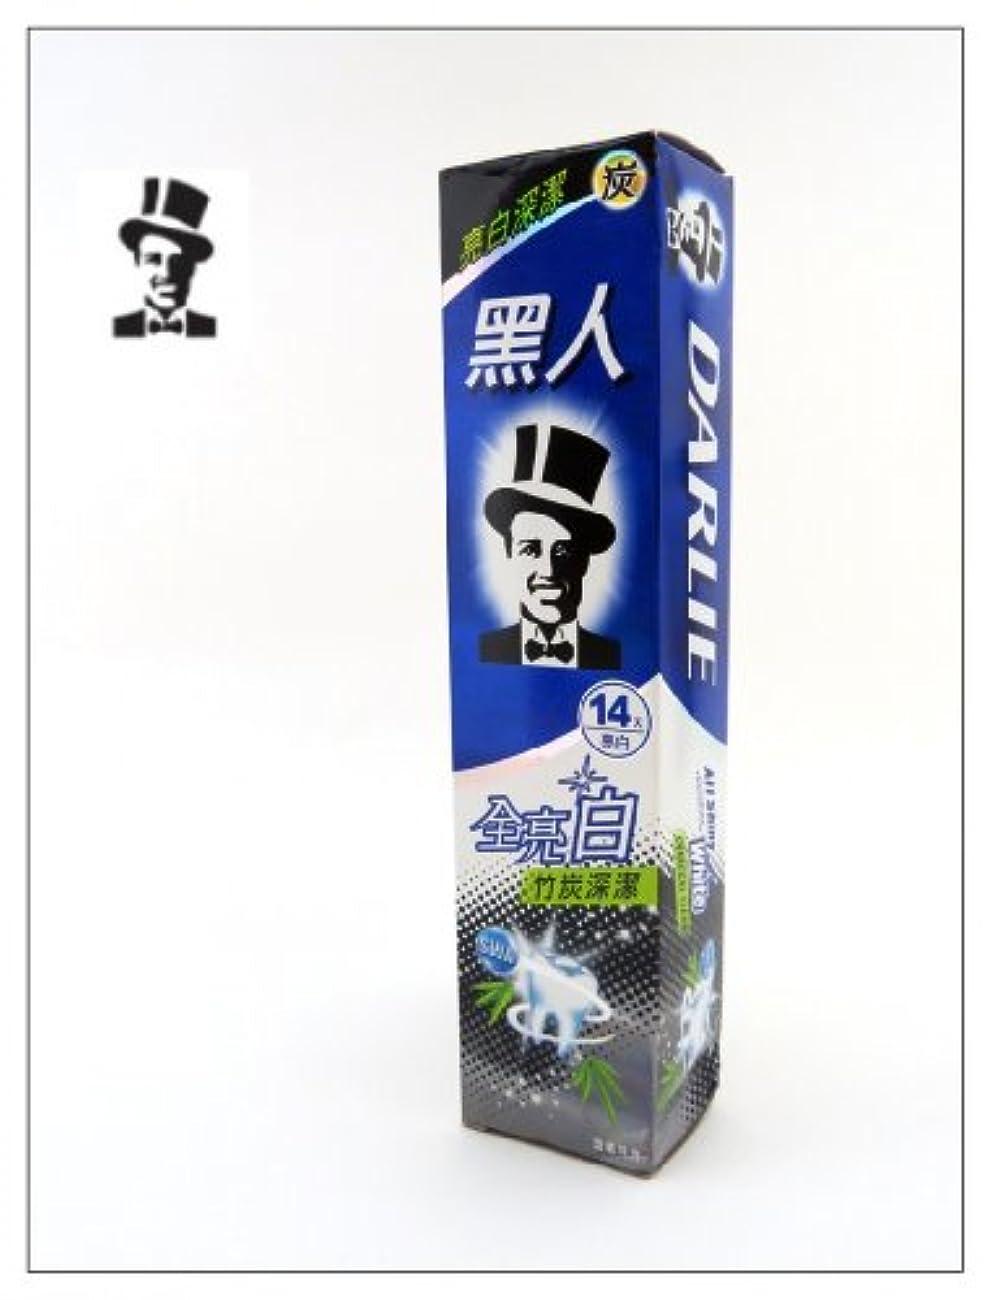 不測の事態ほんのペリスコープ黒人 歯磨き 全亮白竹炭深潔 140g 台湾製